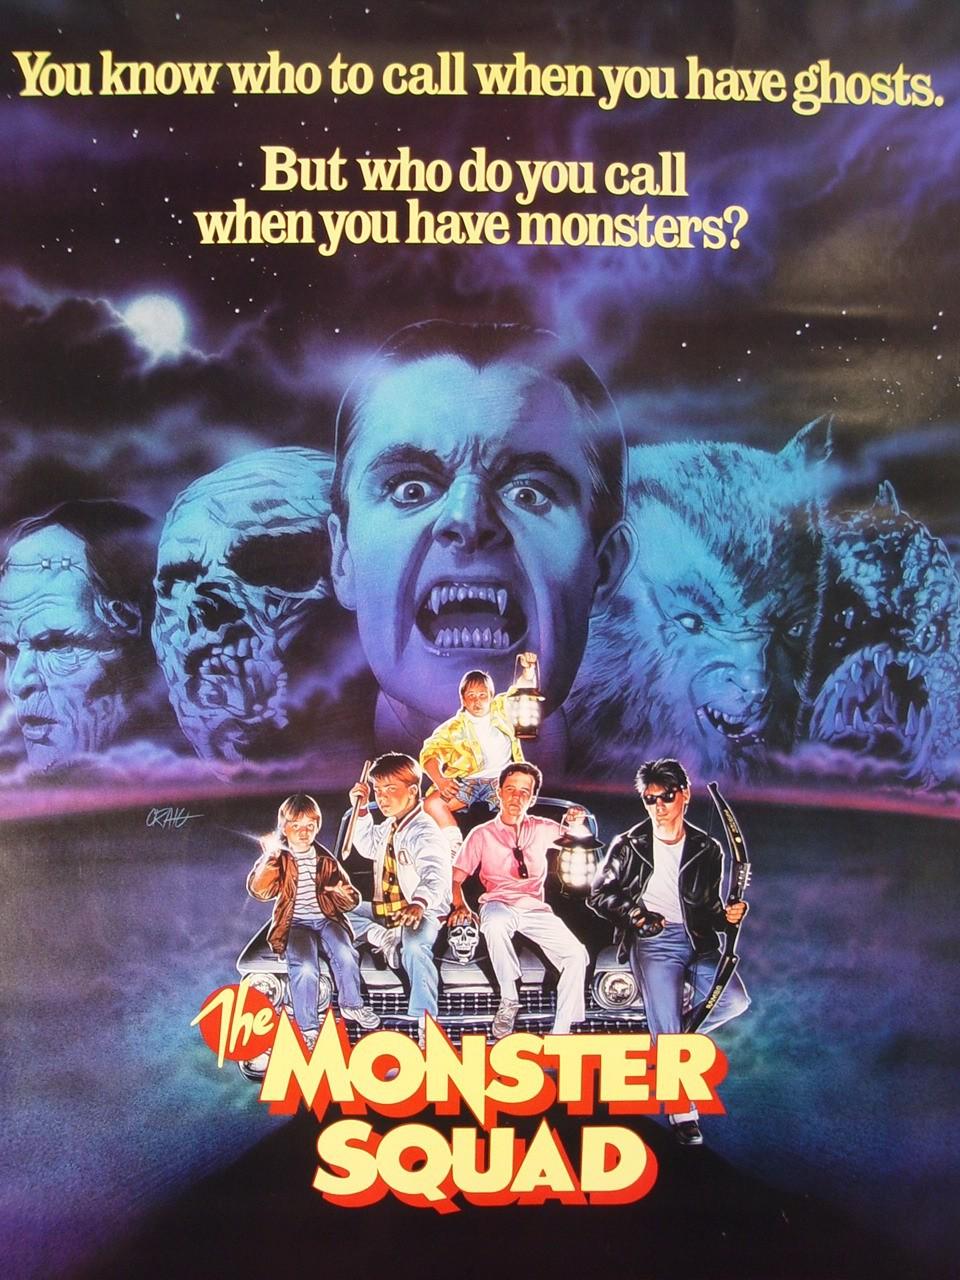 The-Monster-Squad-1987-Poster.jpg